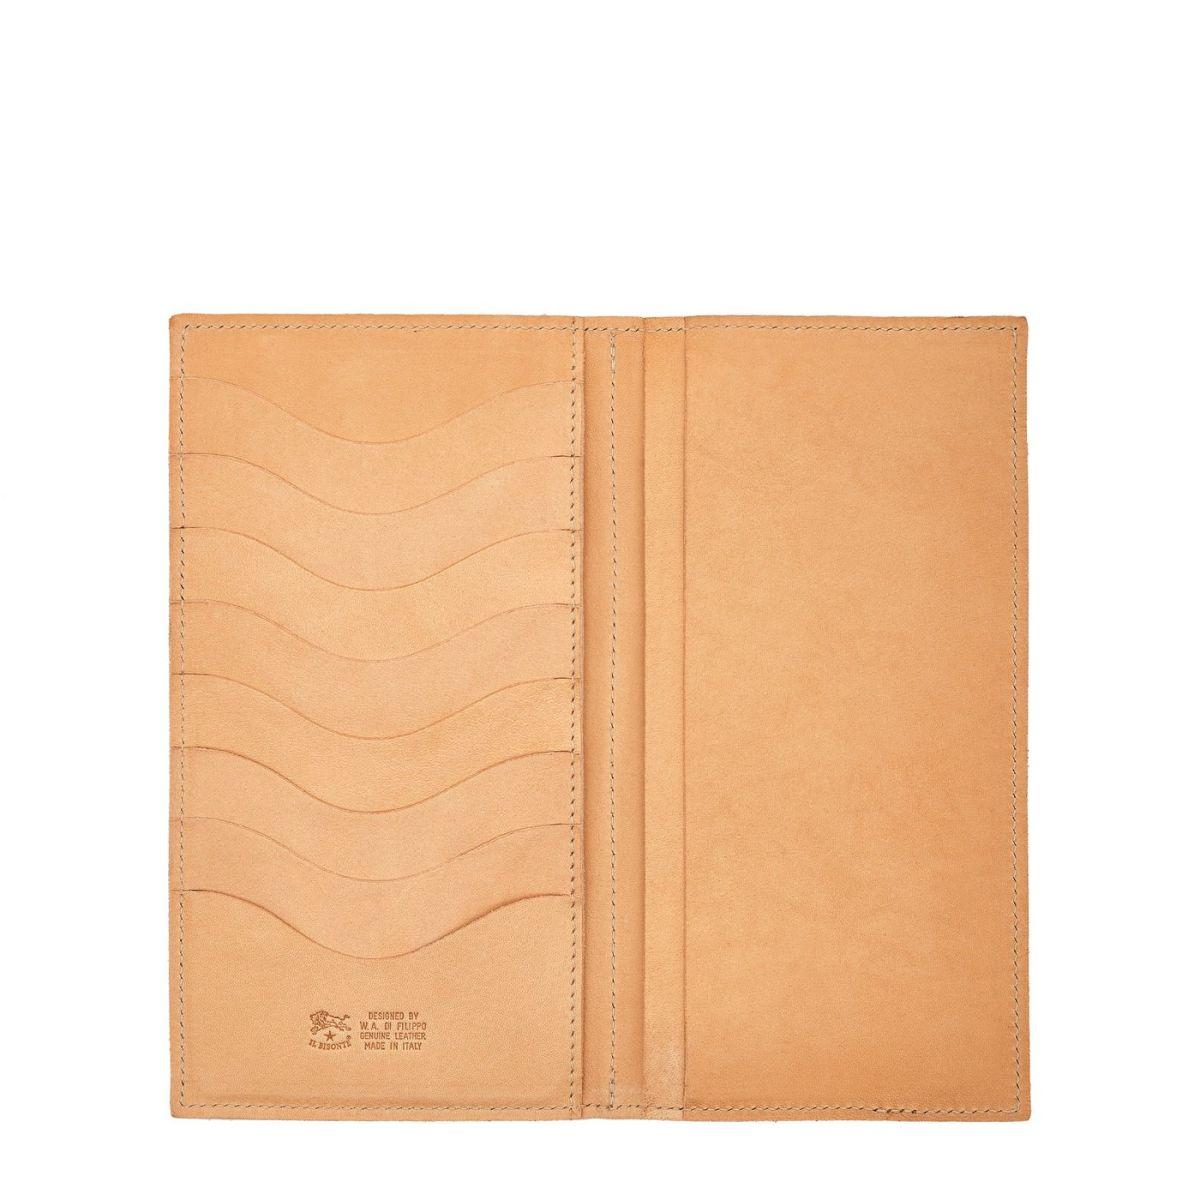 Portefeuille en Cuir De Vachette Doublé couleur Naturel - SMW043 | Details